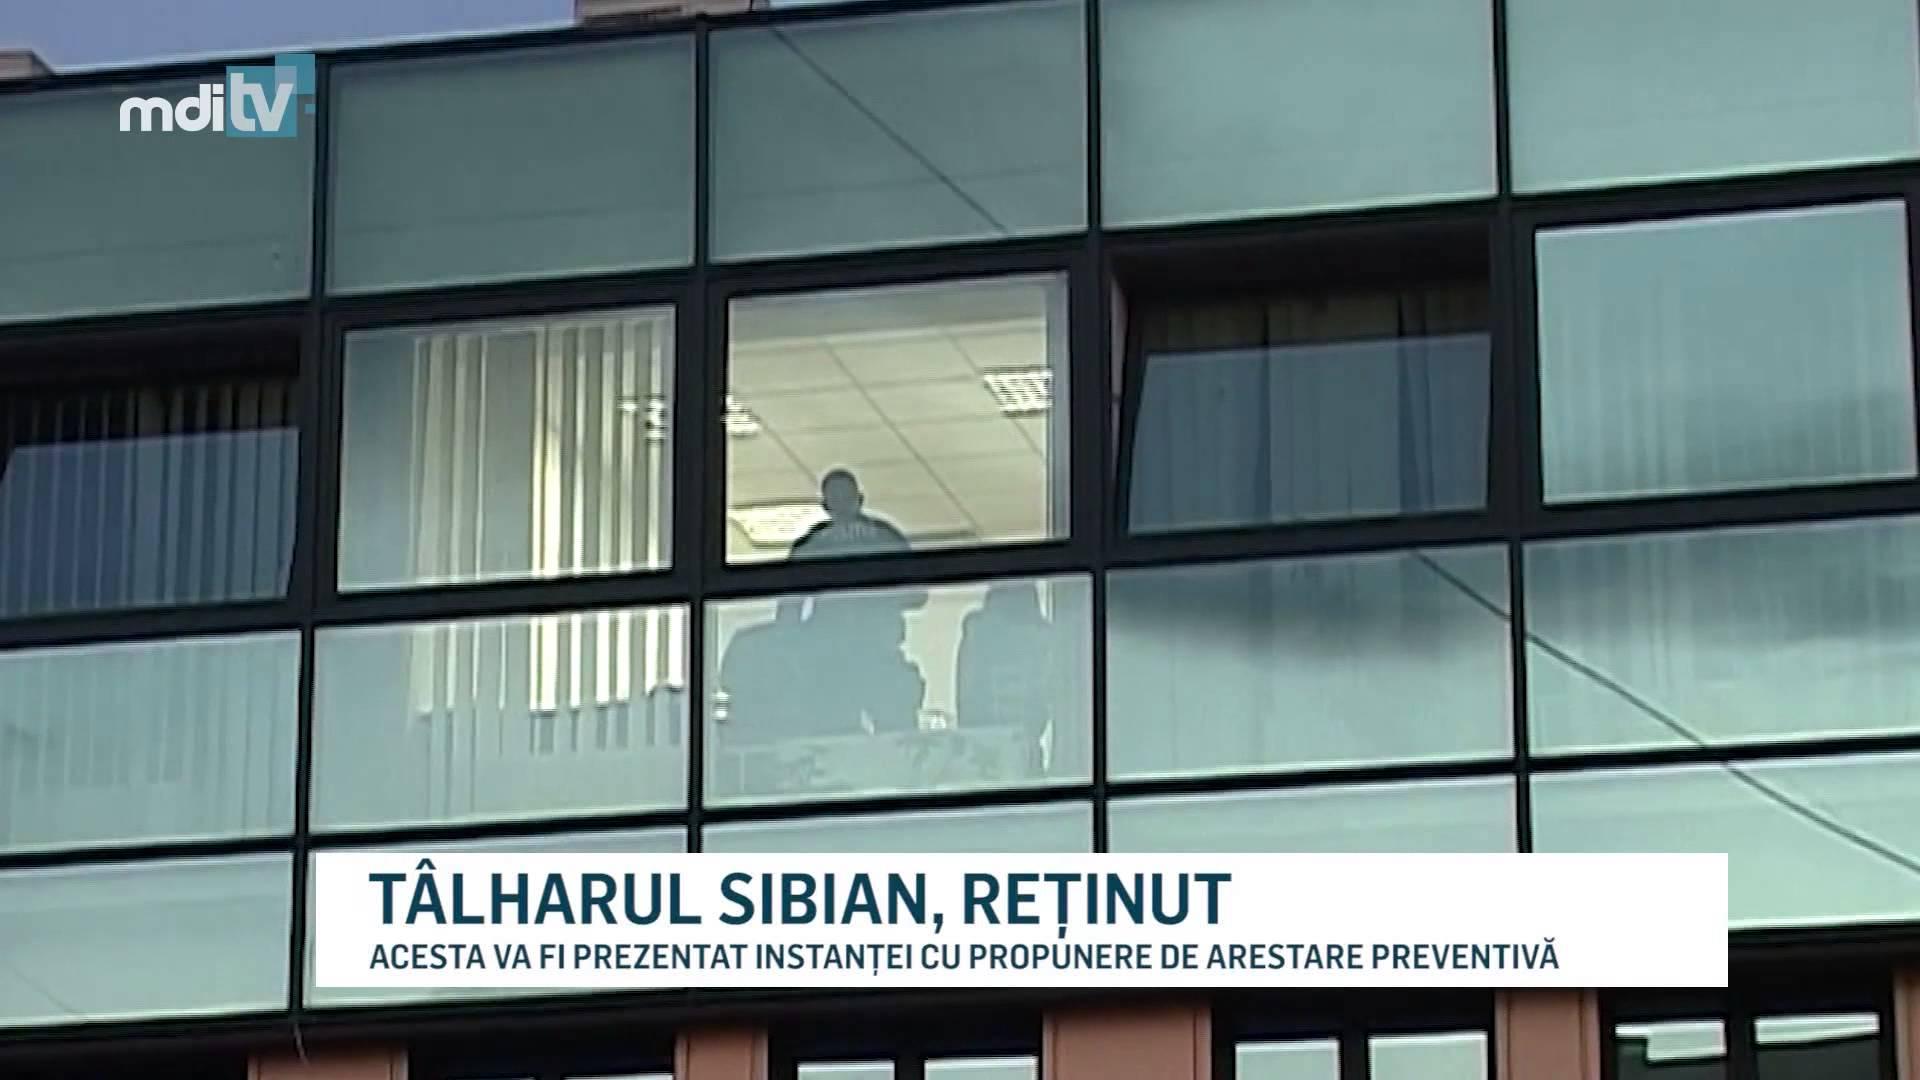 TALHARUL SIBIAN, RETINUT